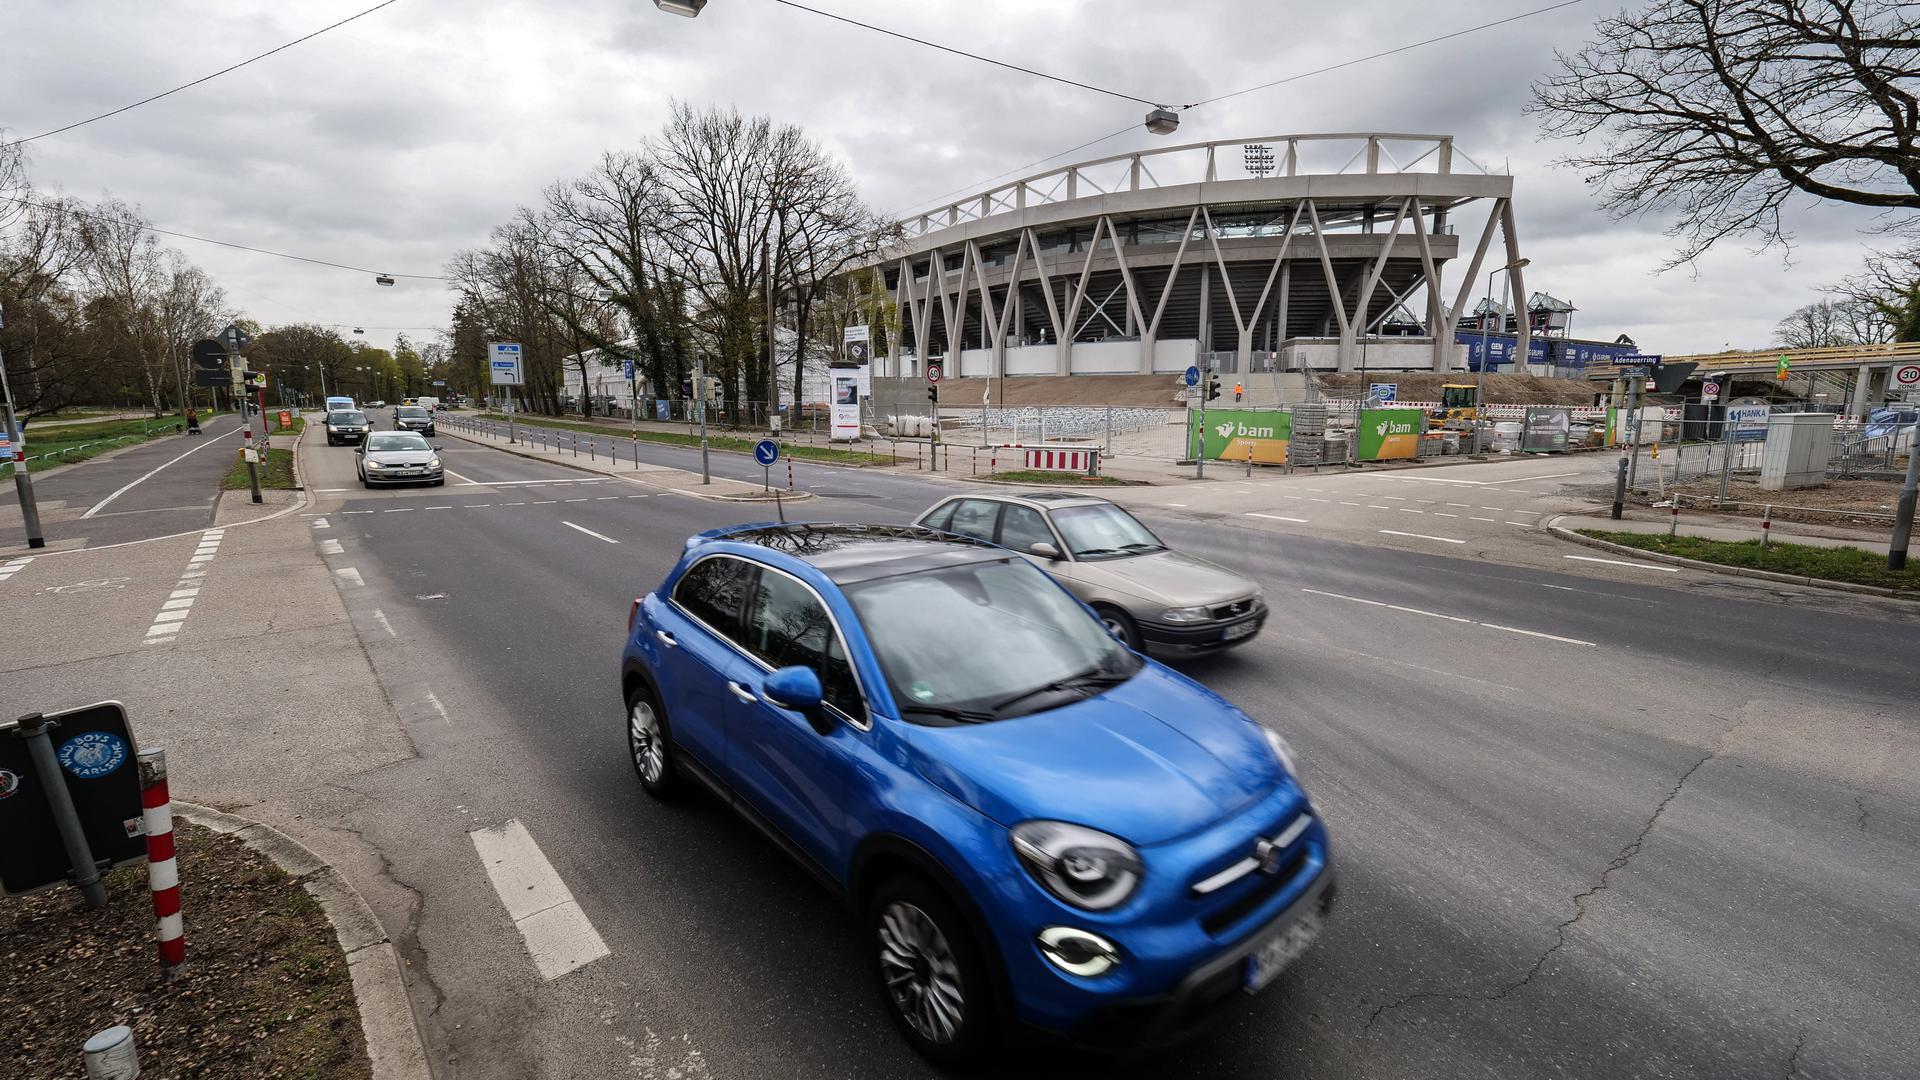 Umbau beim neuen Stadion: Der Adenauerring wird an die künftigen Verhältnisse im Wildpark angepasst. Die Bauarbeiten werden den Verkehrsfluss über Monate verdicken.